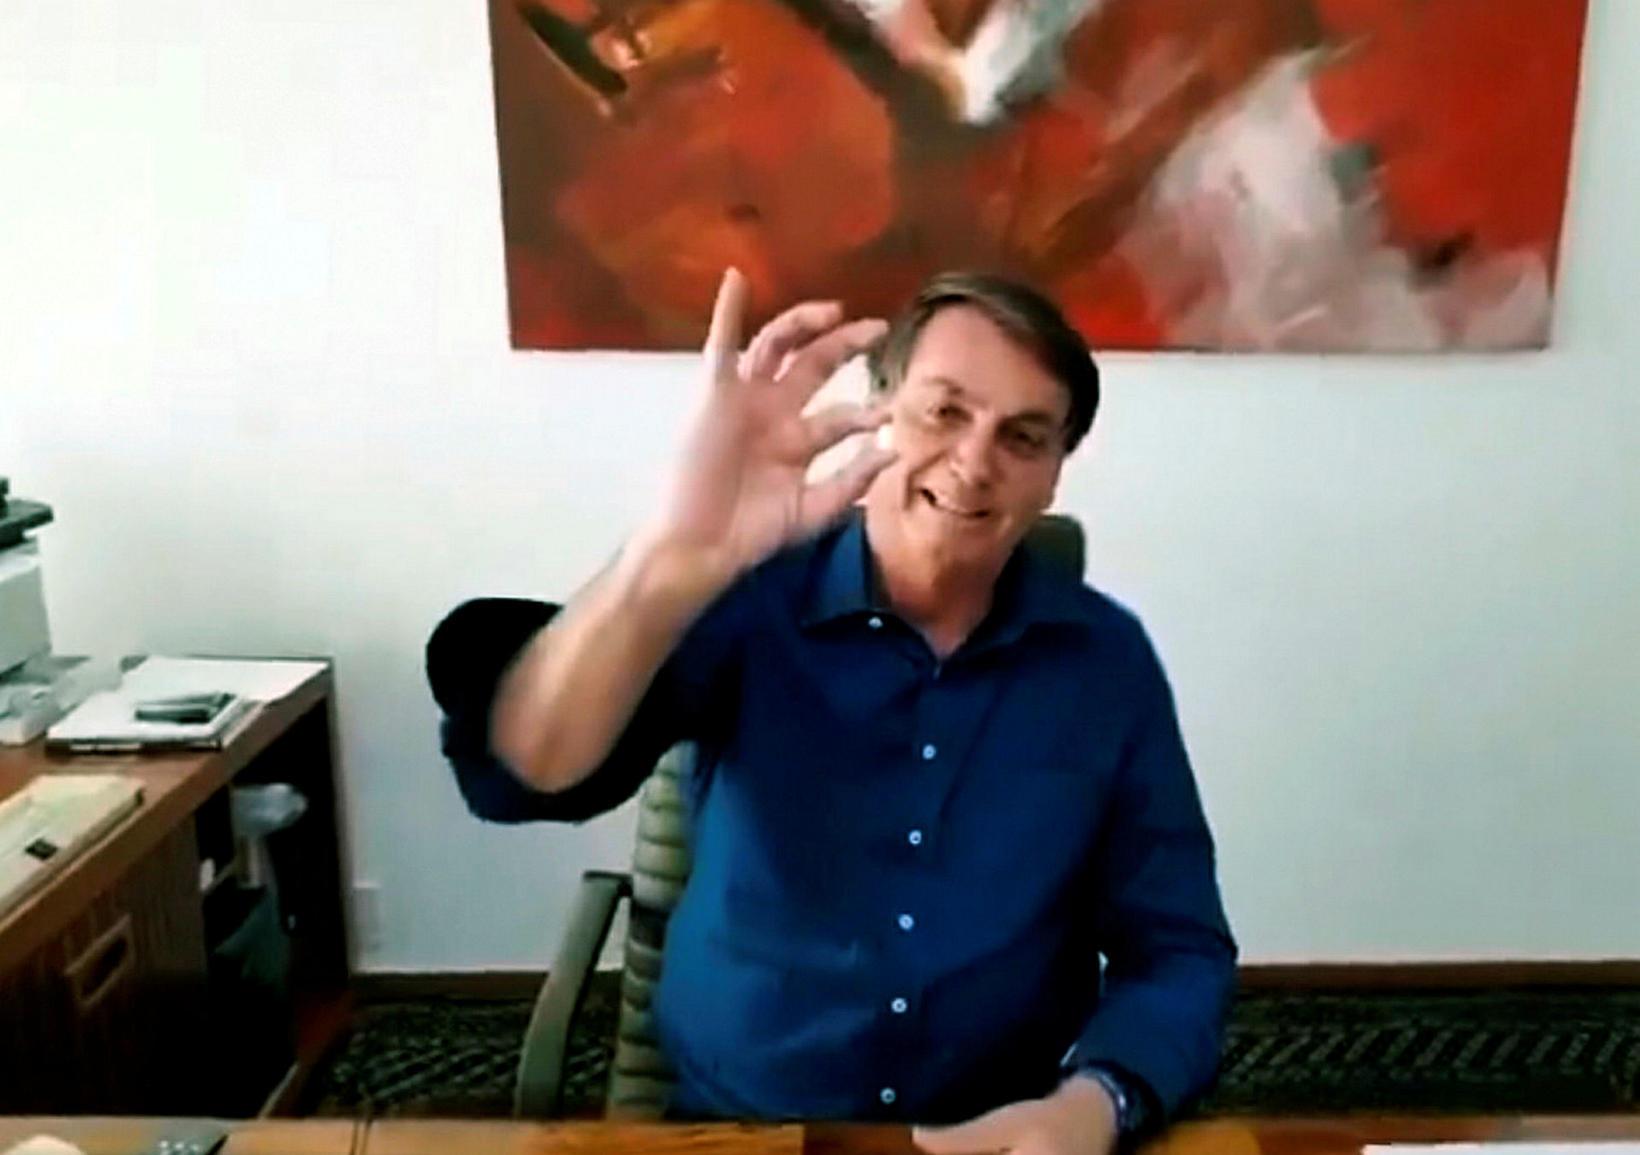 Jair Bolsonaro, forseti Brasilíu, flutti ávarpið á Facebook.